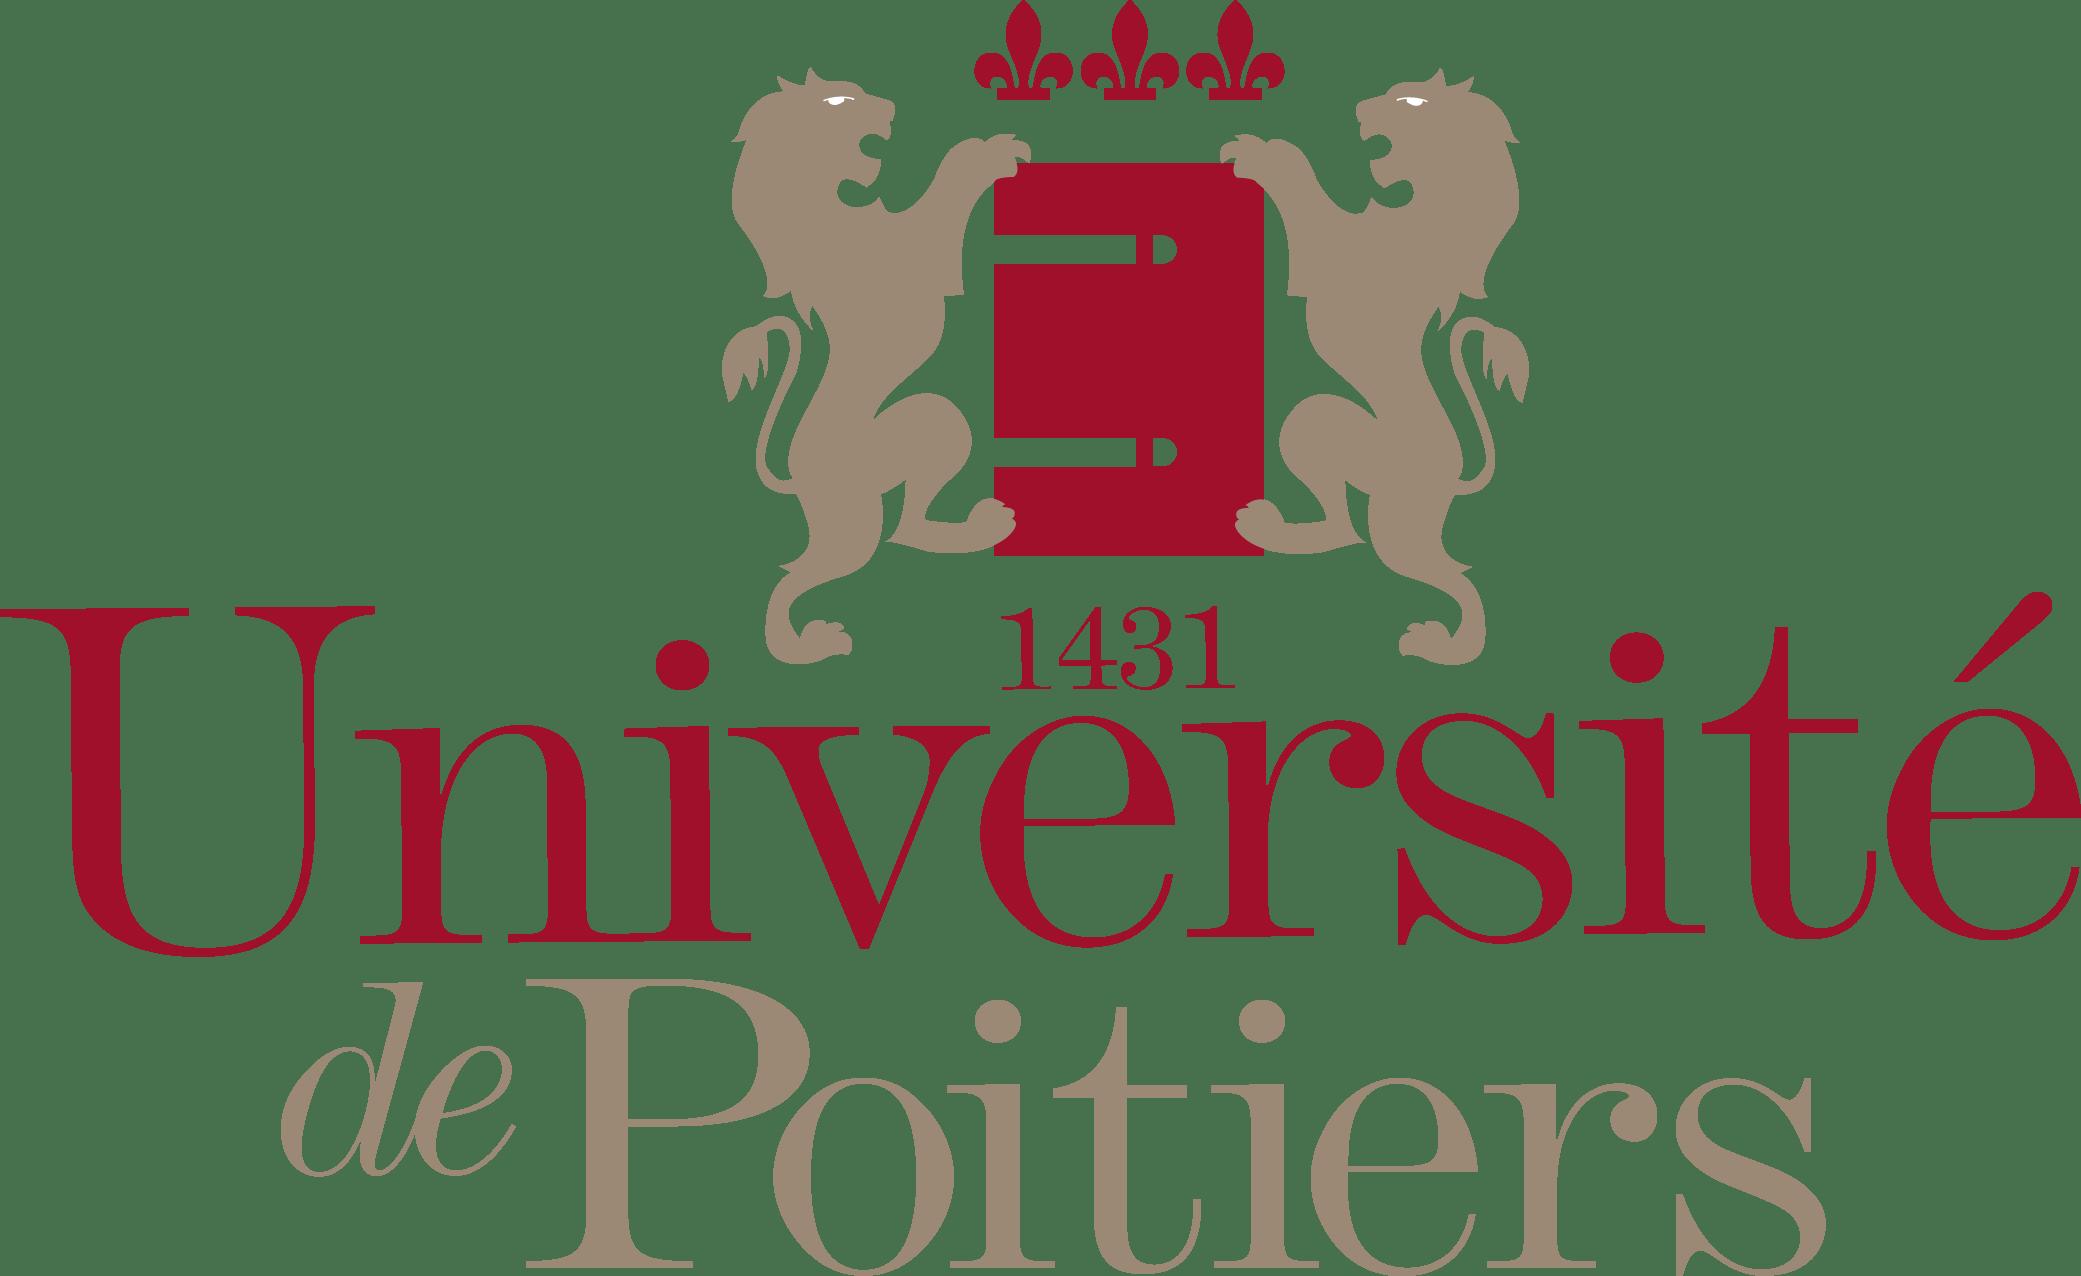 universite de poitiers logo 2012 png